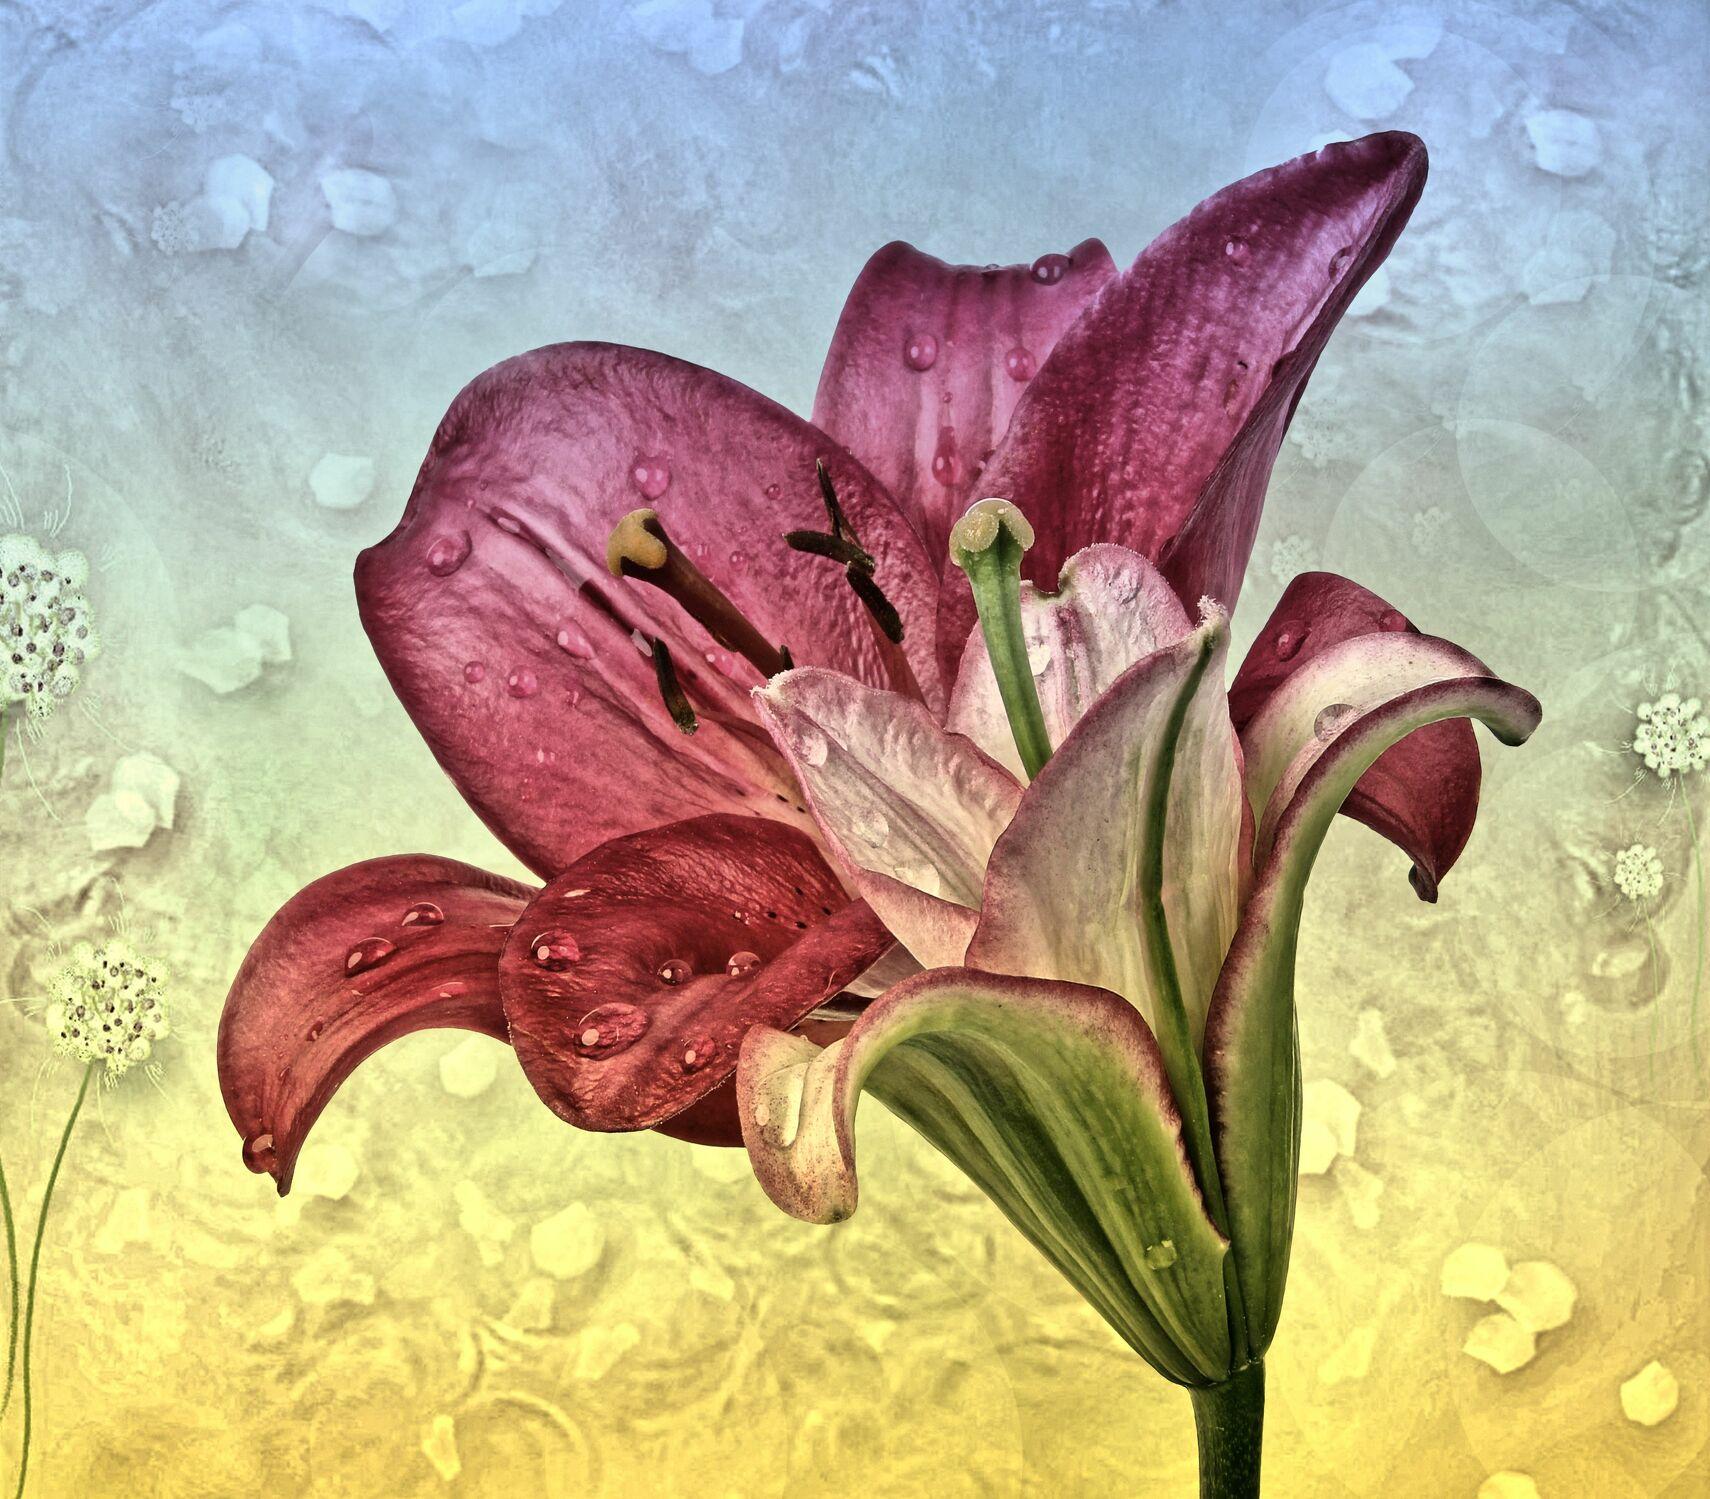 Bild mit Pflanzen, Blumen, Blume, Pflanze, Lilie, Lilien, Floral, Blüten, Florales, Textur, blüte